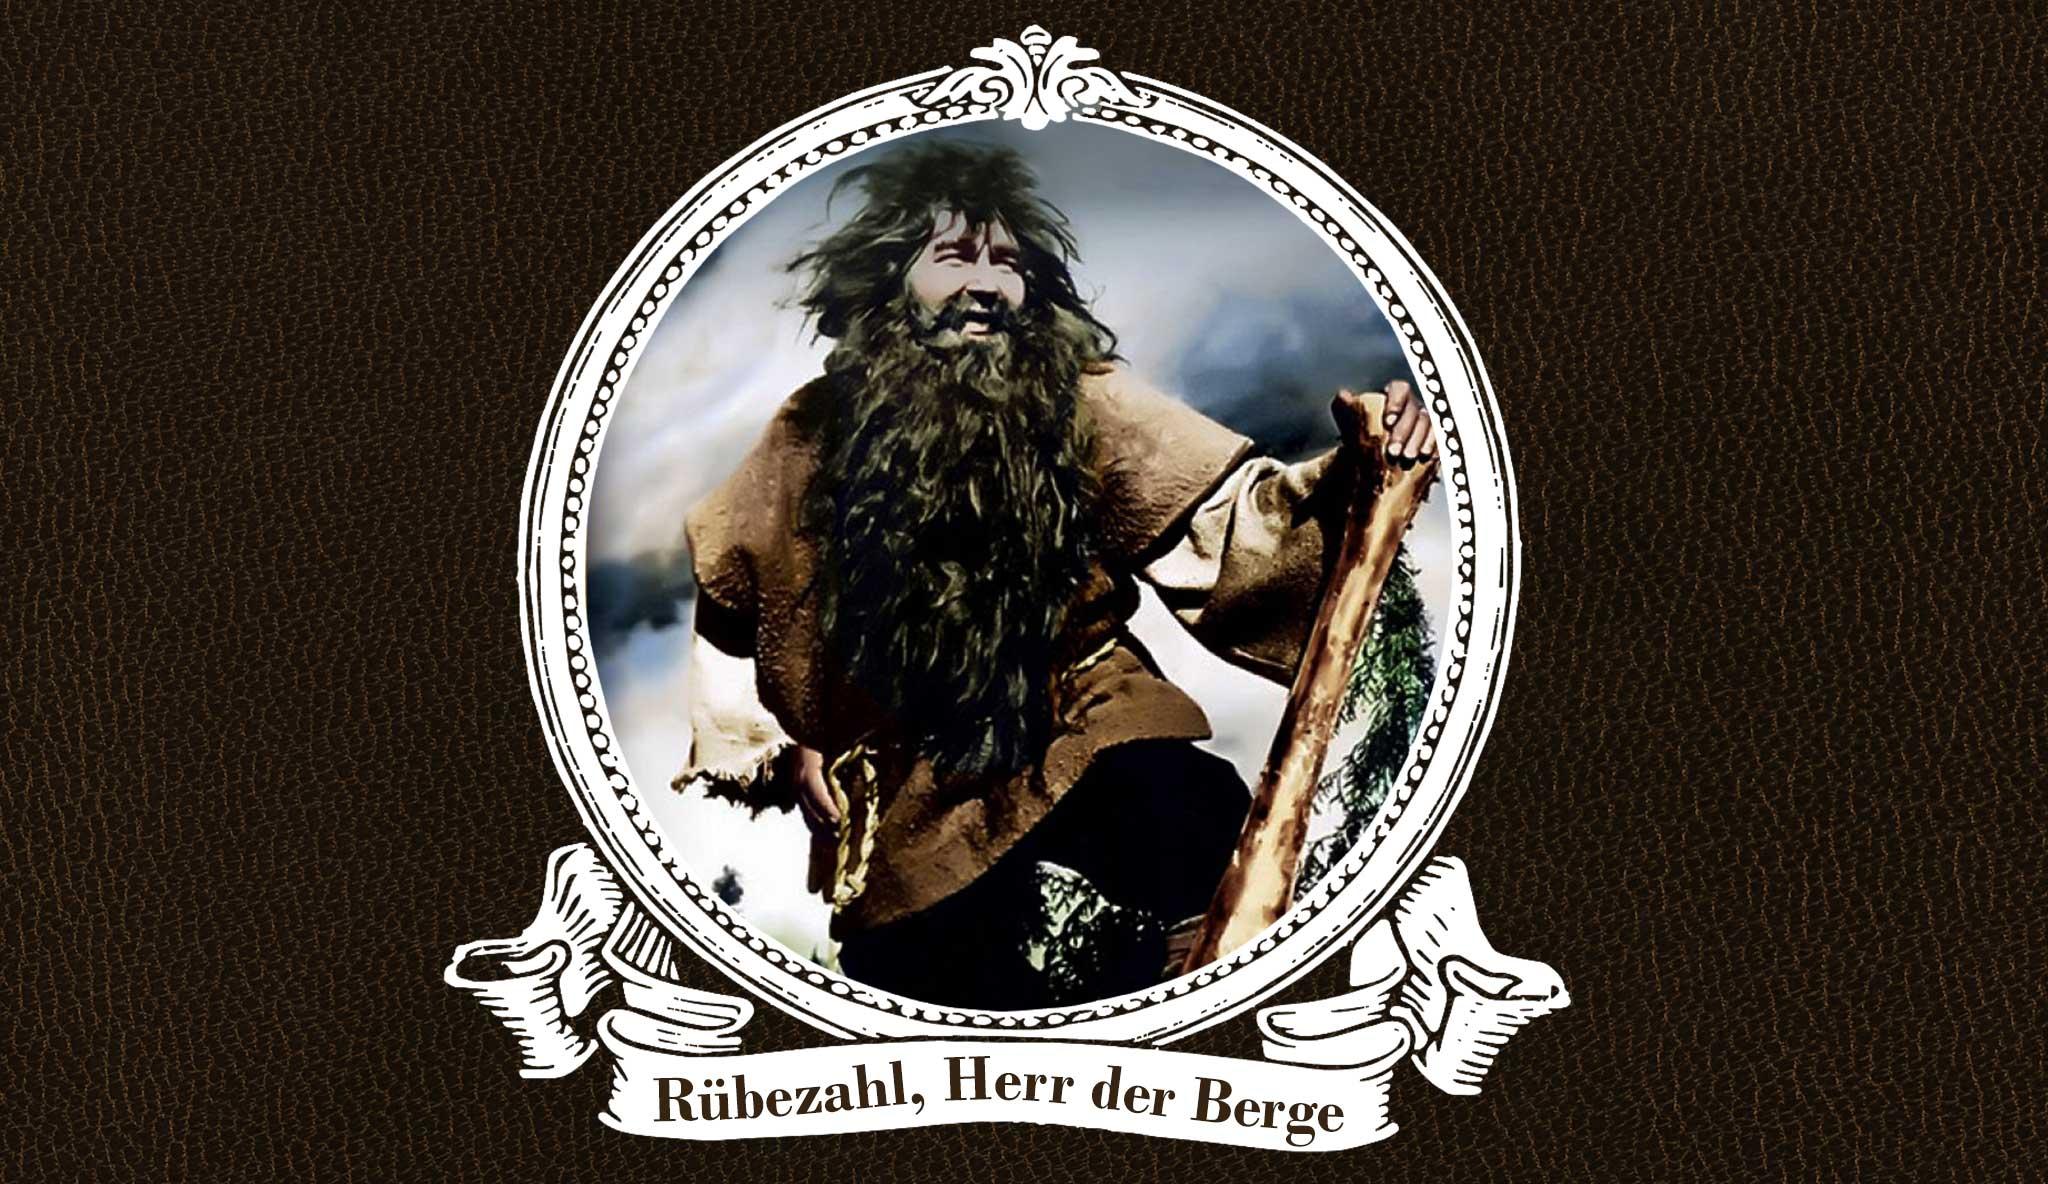 rubezahl-herr-der-berge\header.jpg